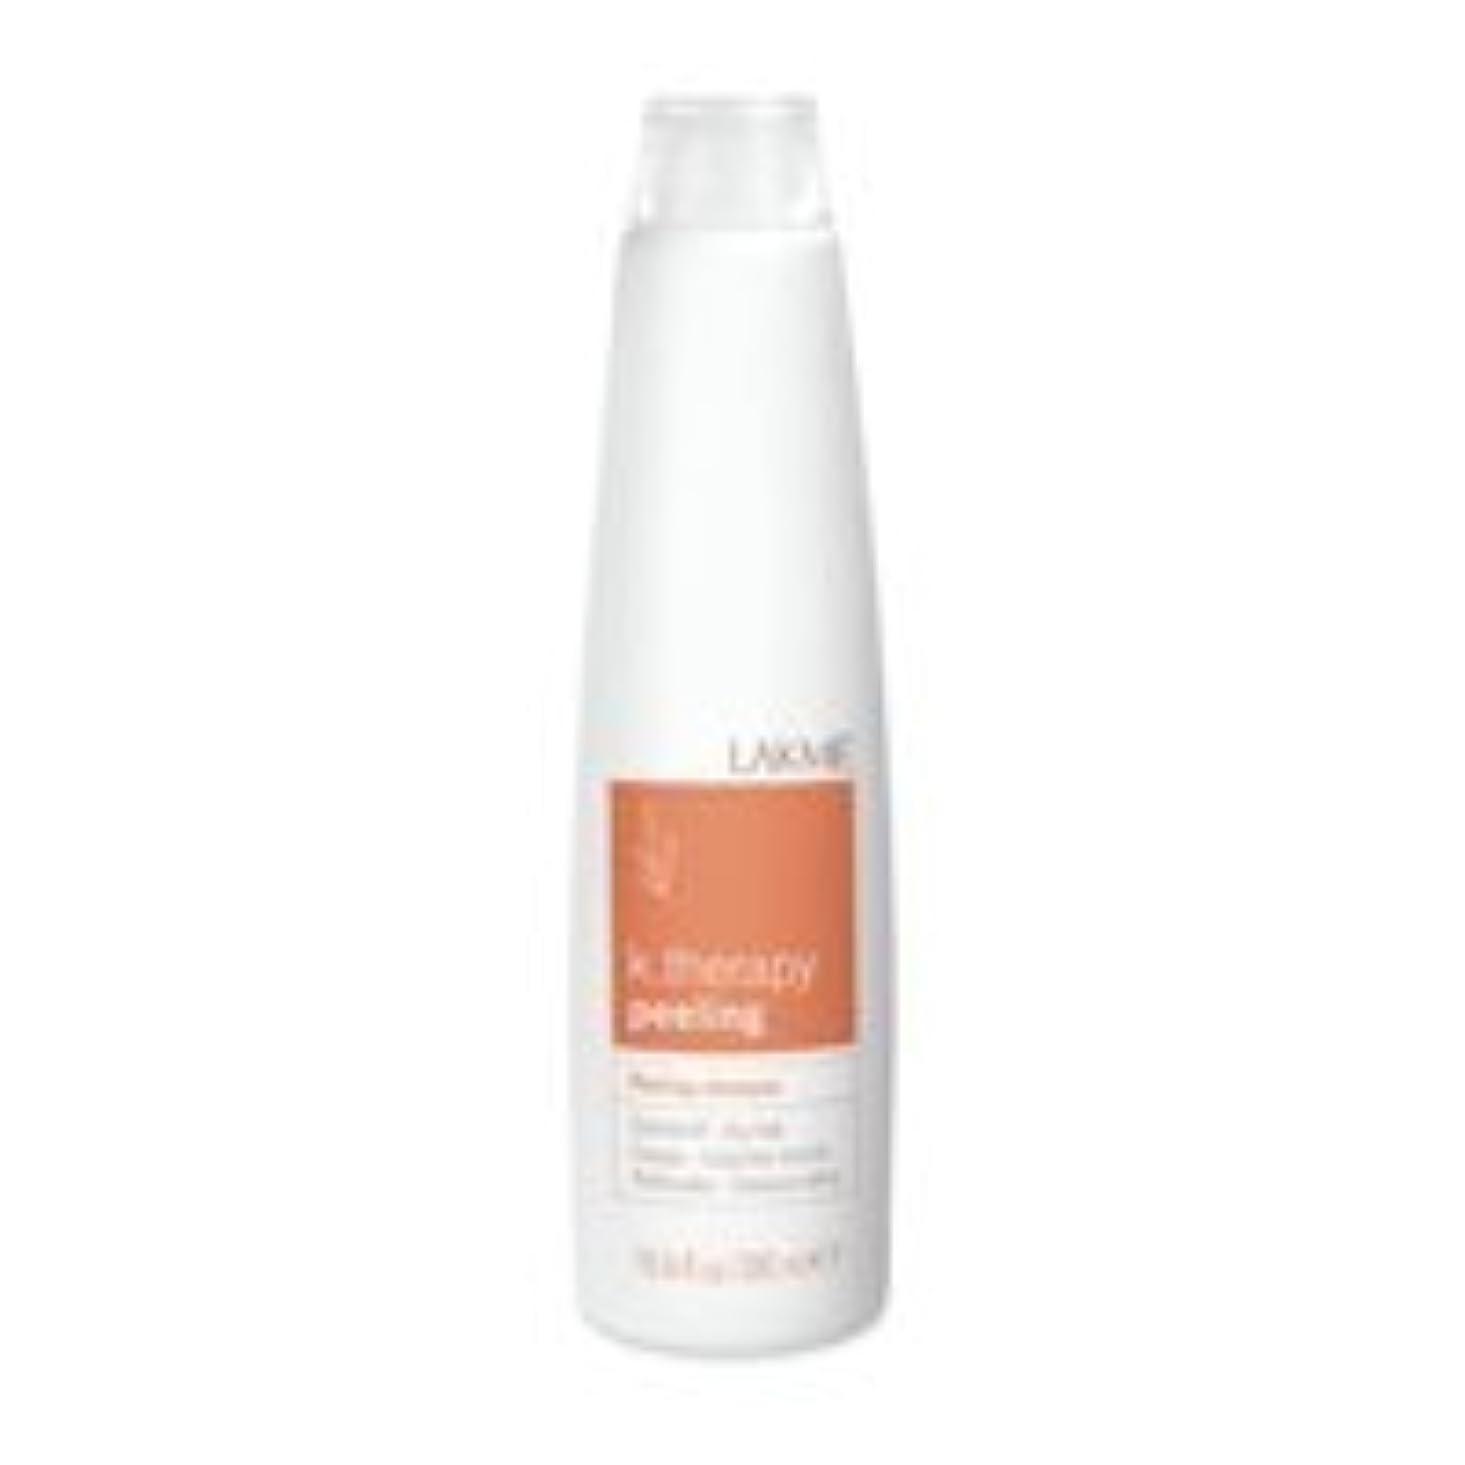 輸送言語バリケードLakme K.Therapy Peeling Shampoo Dry Hair 10.2 oz [並行輸入品]